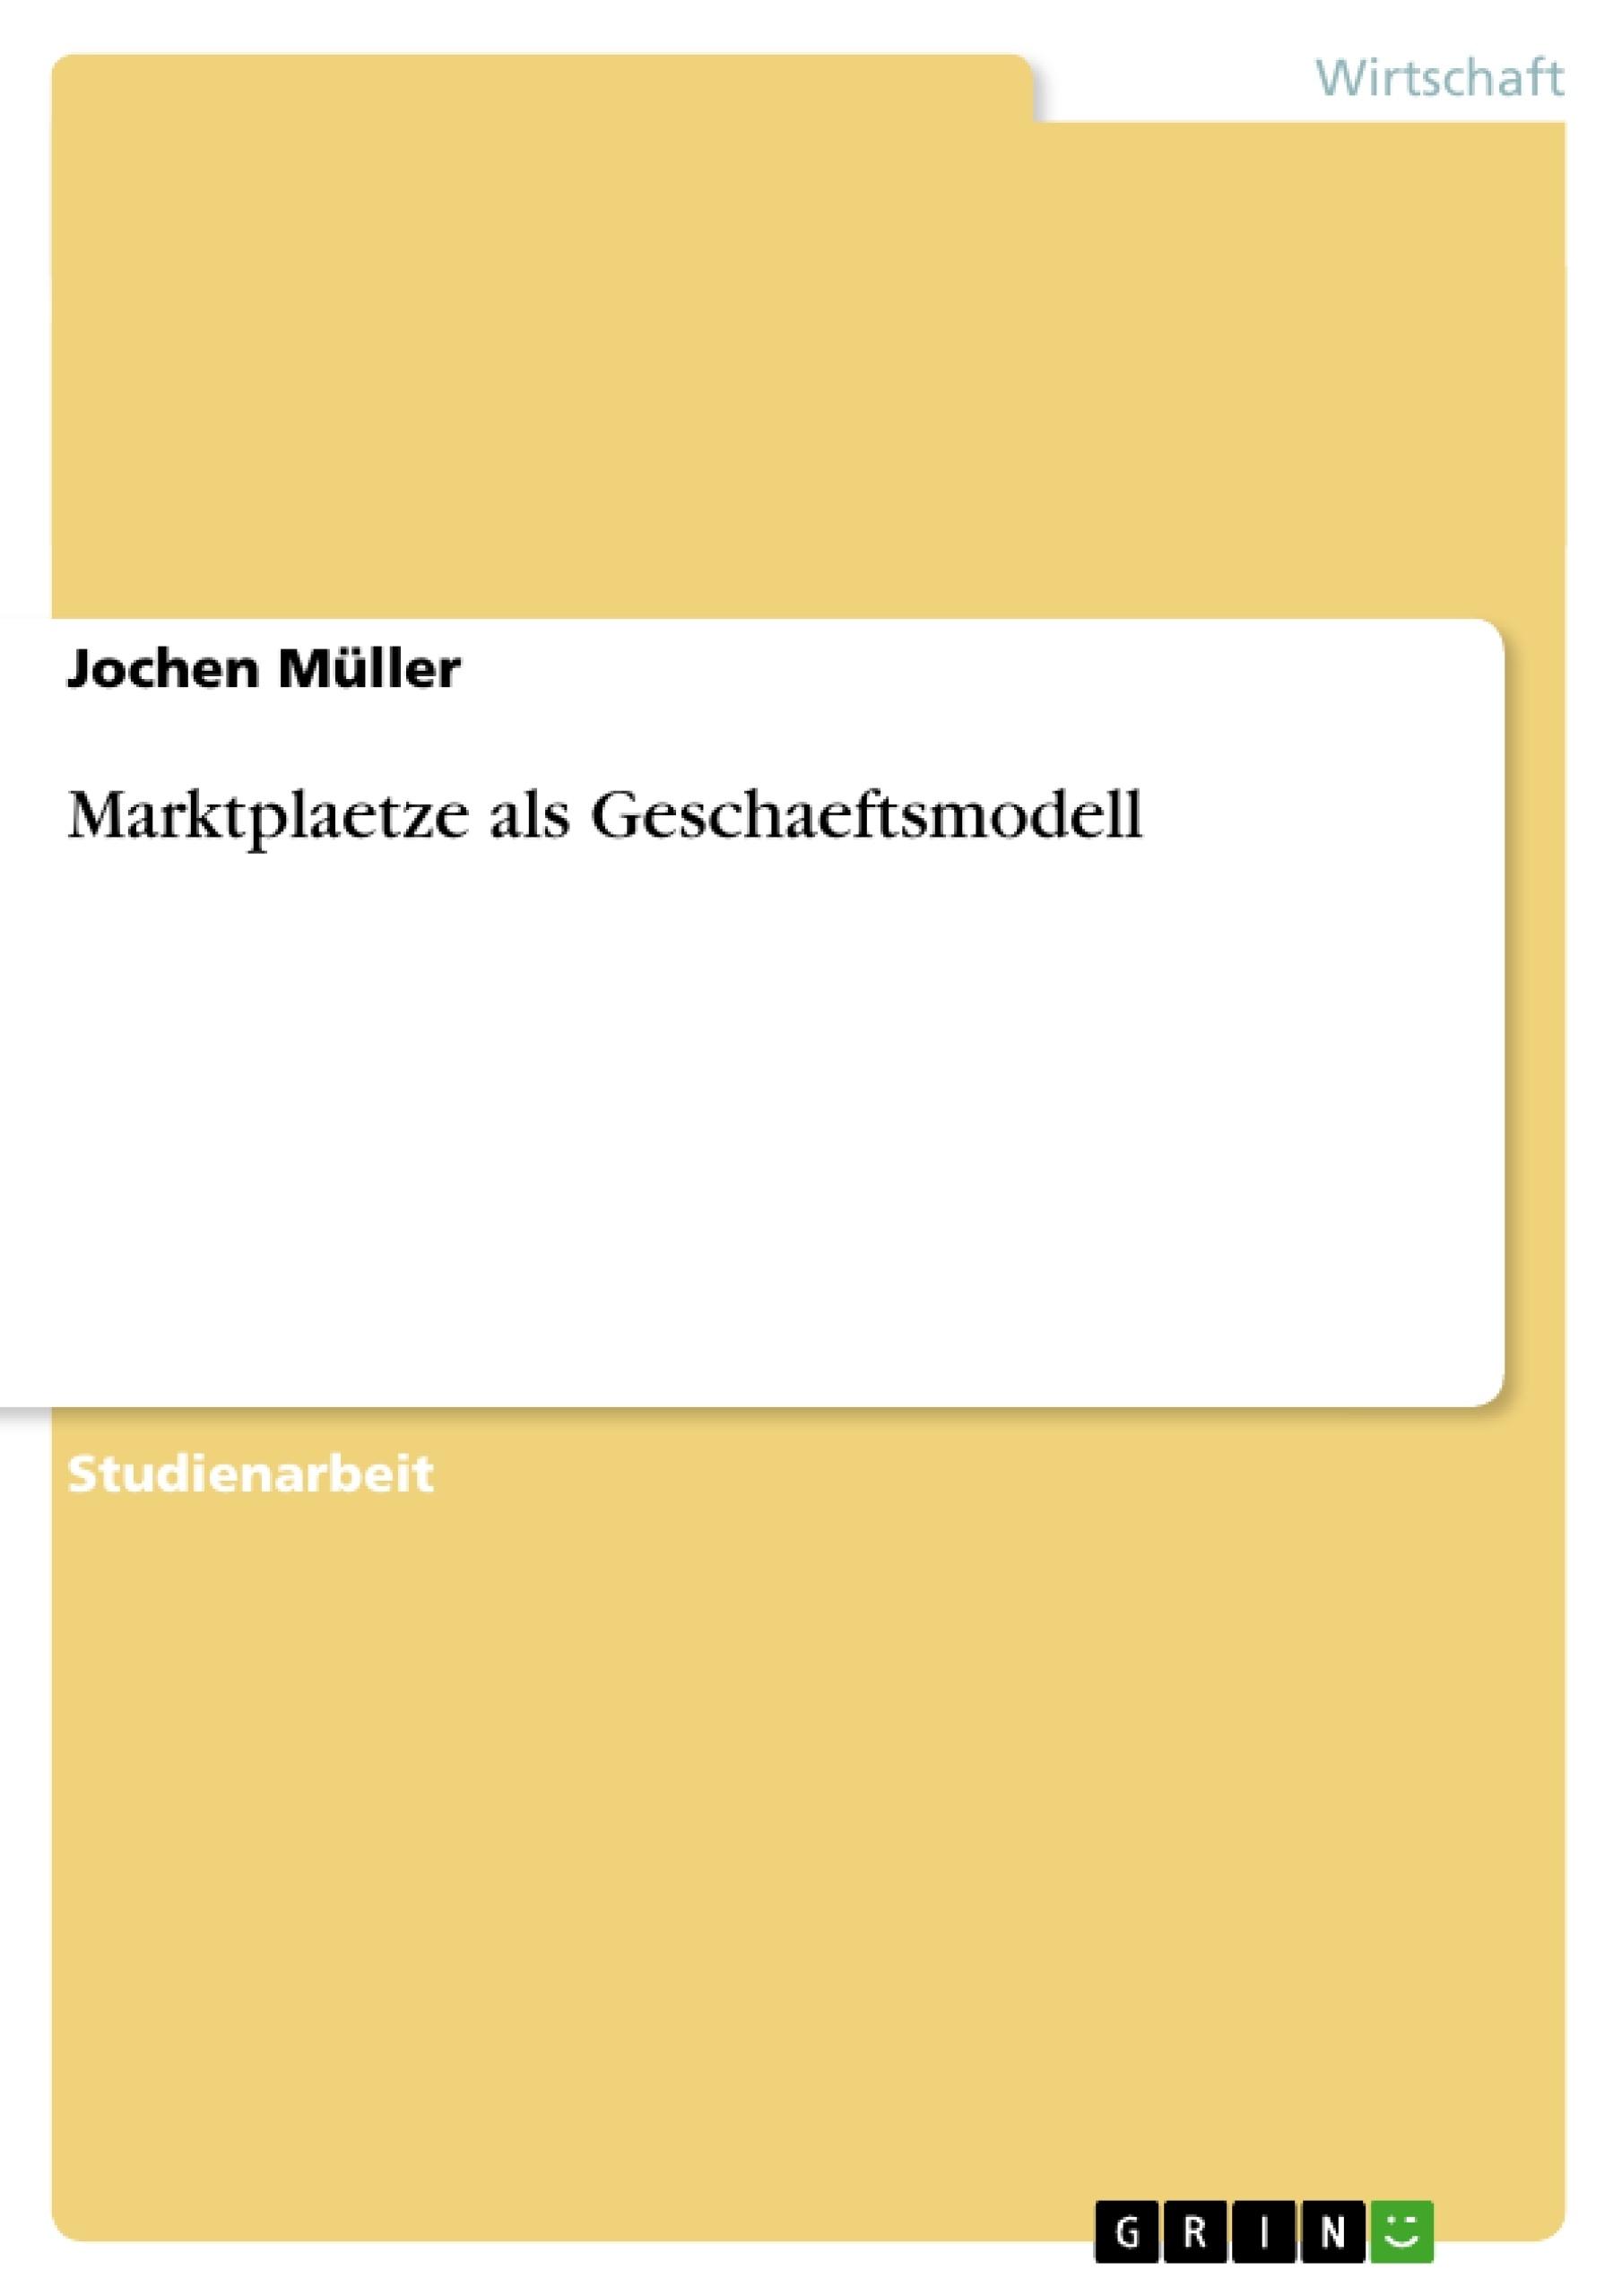 Titel: Marktplaetze als Geschaeftsmodell